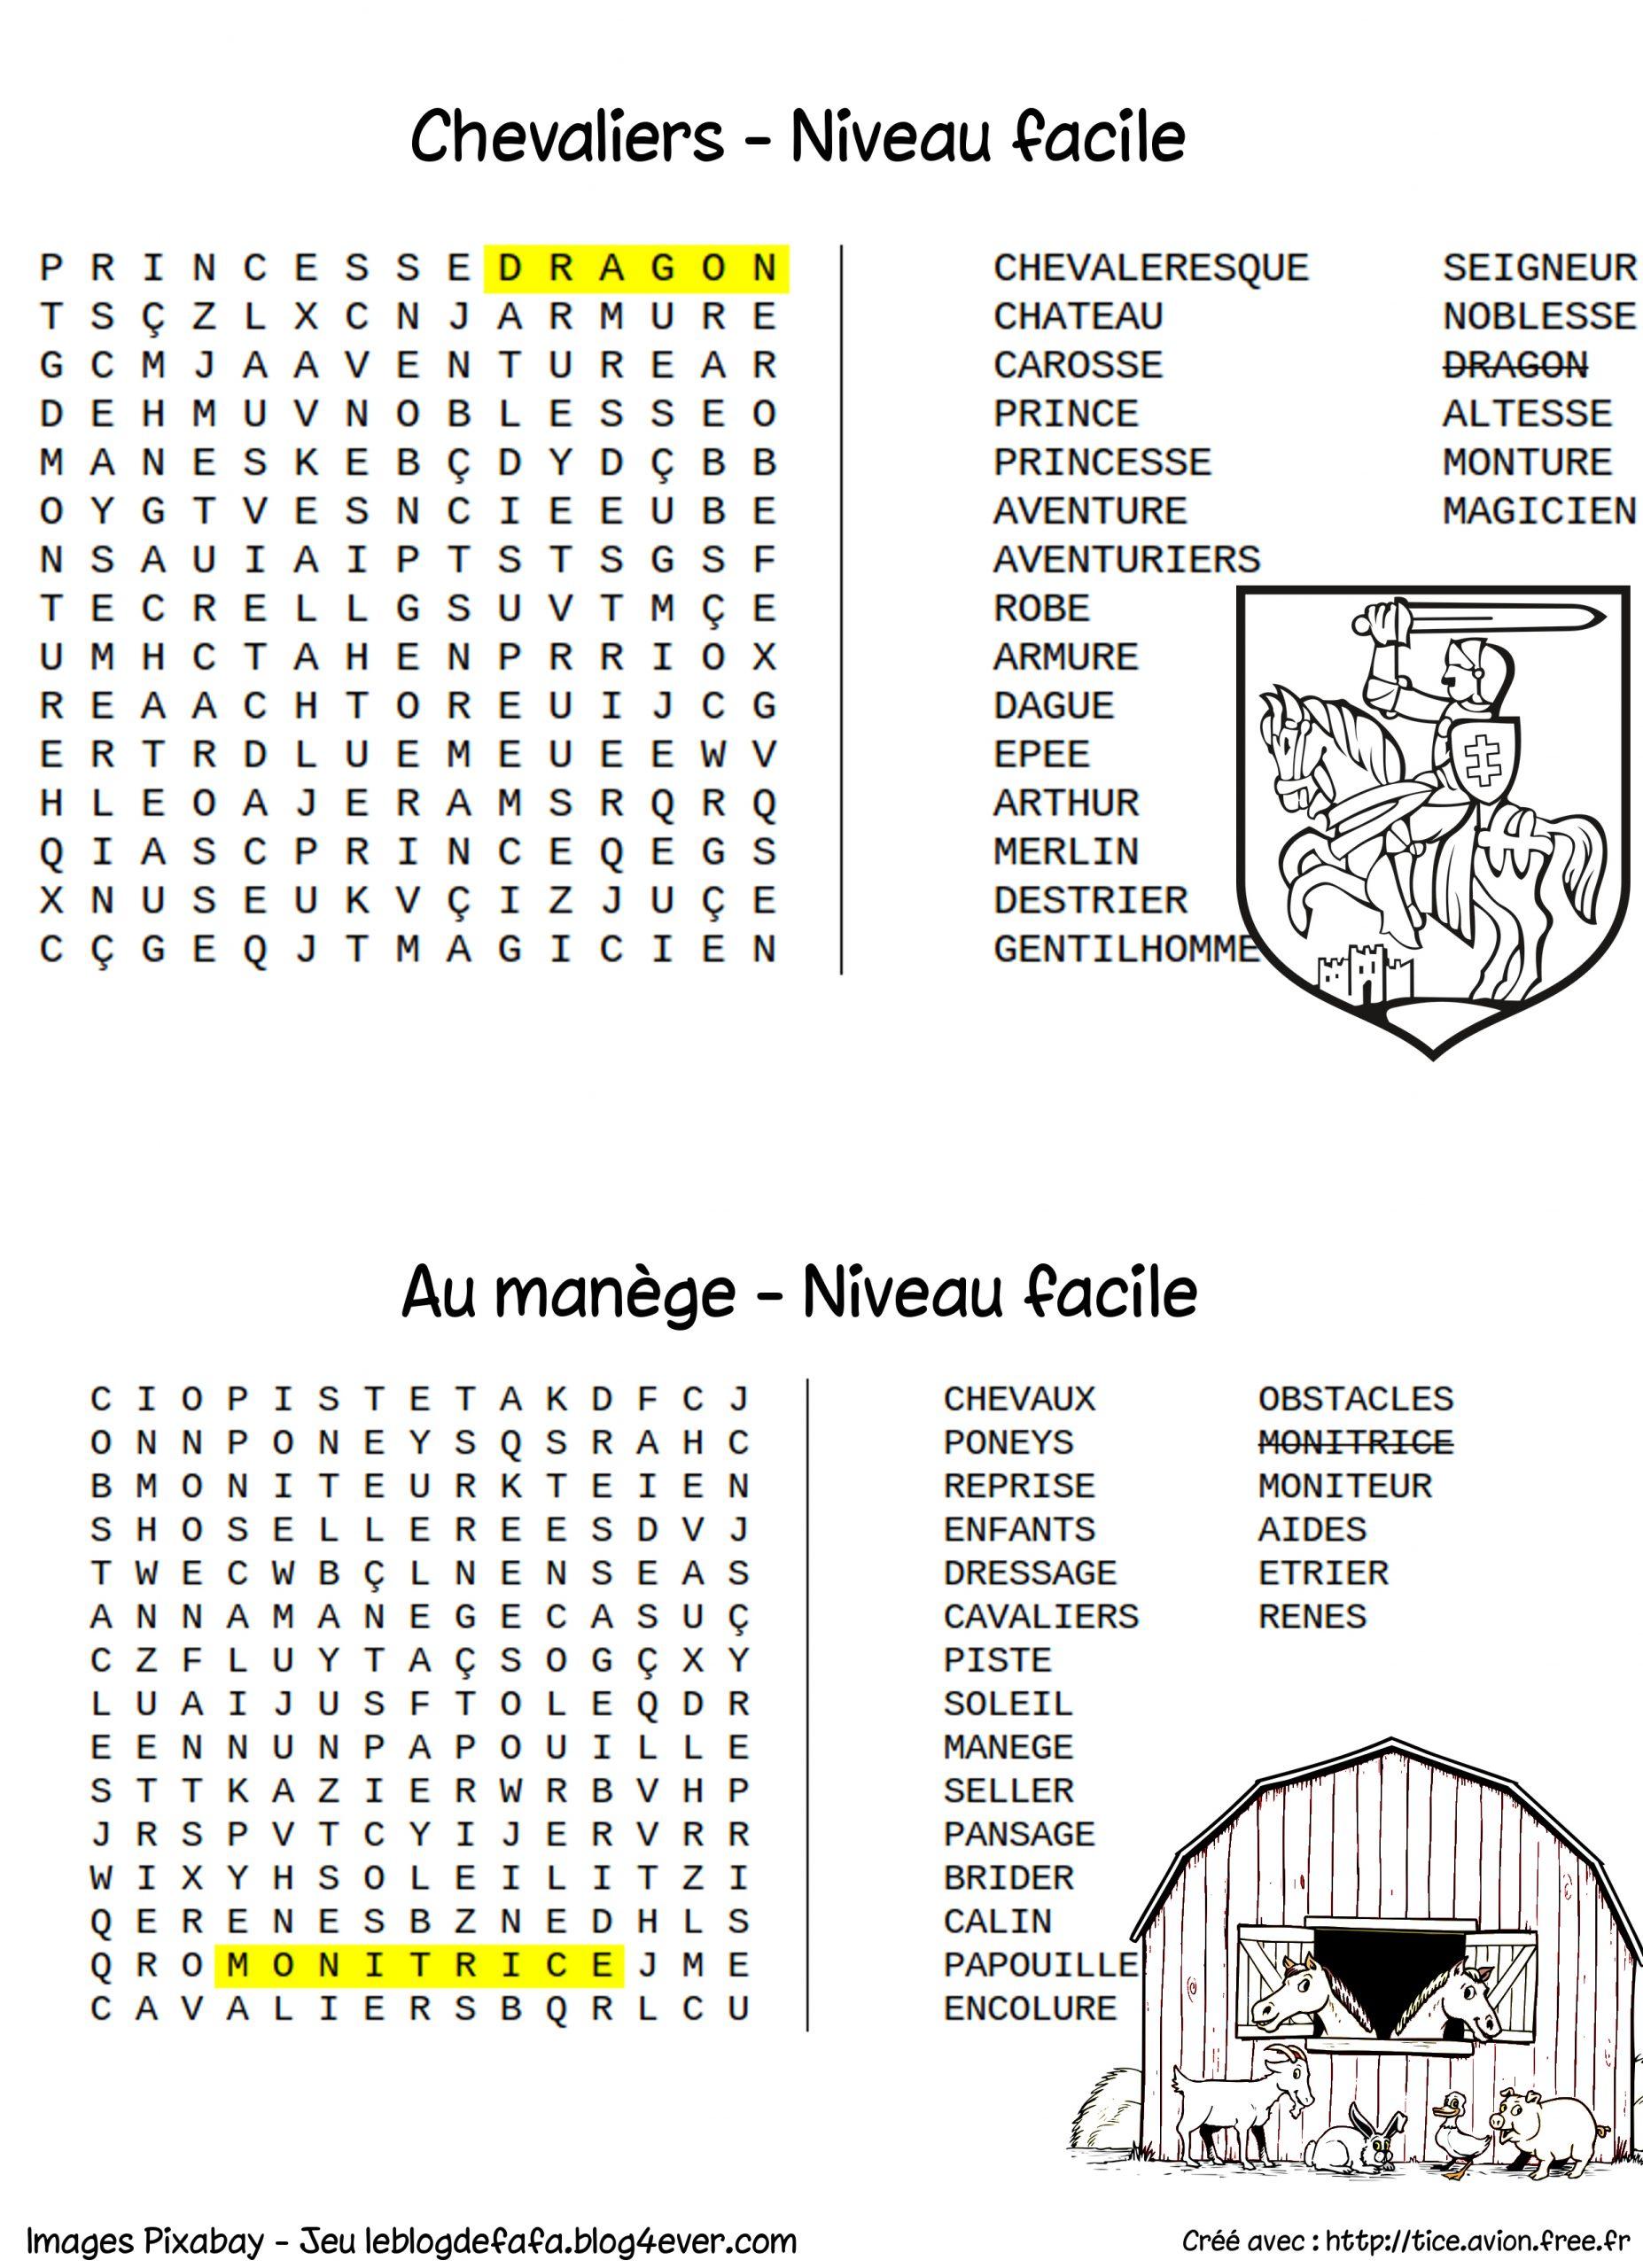 Mots Mêlés Gratuits À Imprimer Cheval Et Équitation (Nouveau à Mots Croisés Ce1 À Imprimer